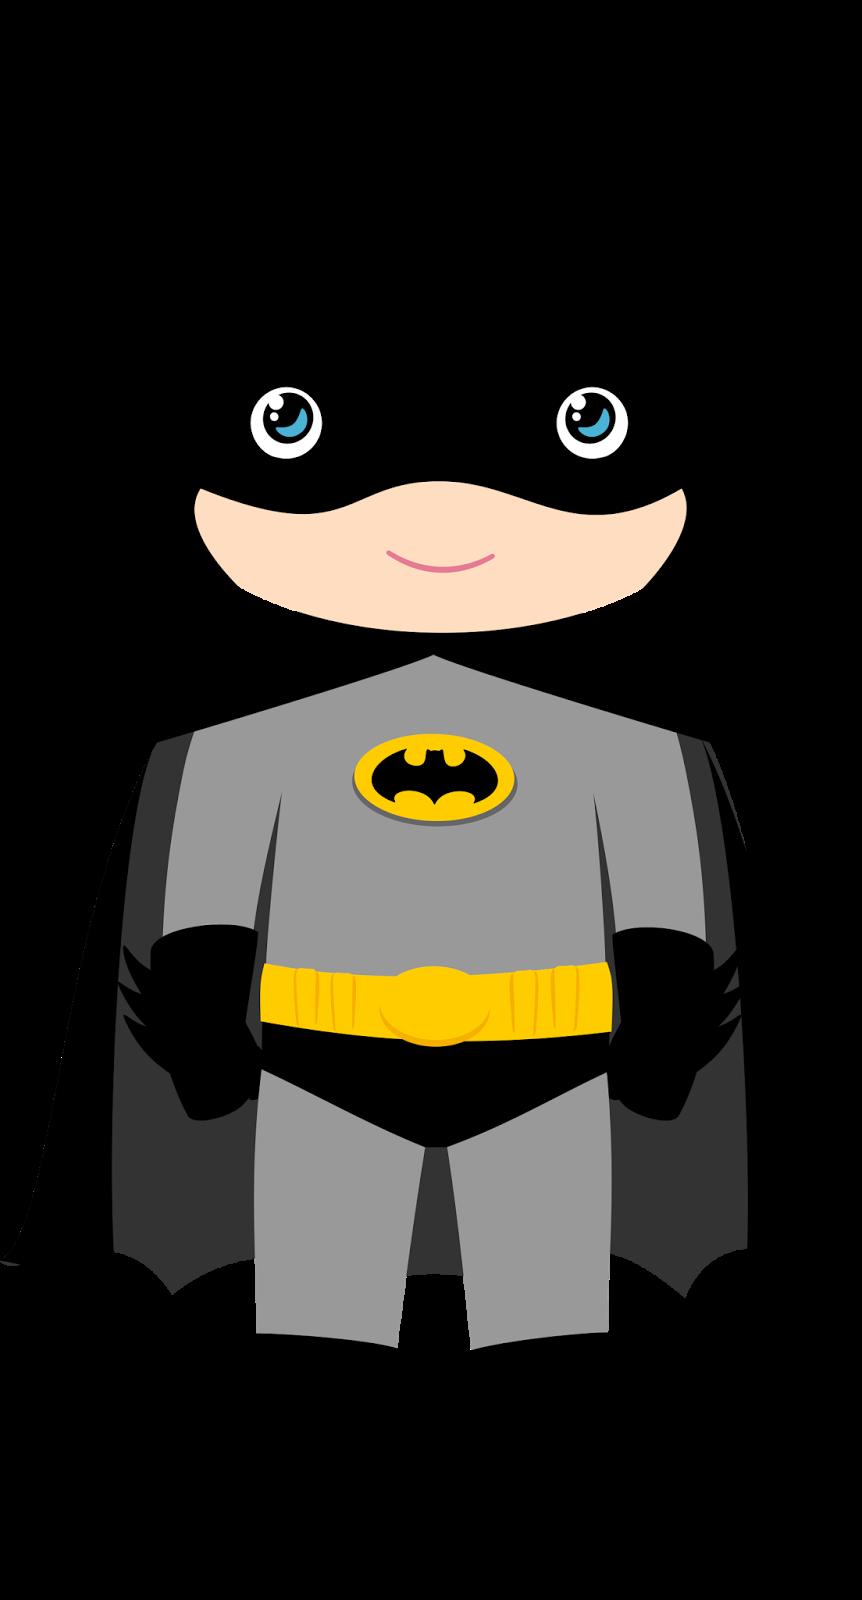 la casa de chichi kit imprimibles super heroes batman and robin clip art free batman and robin clip art free